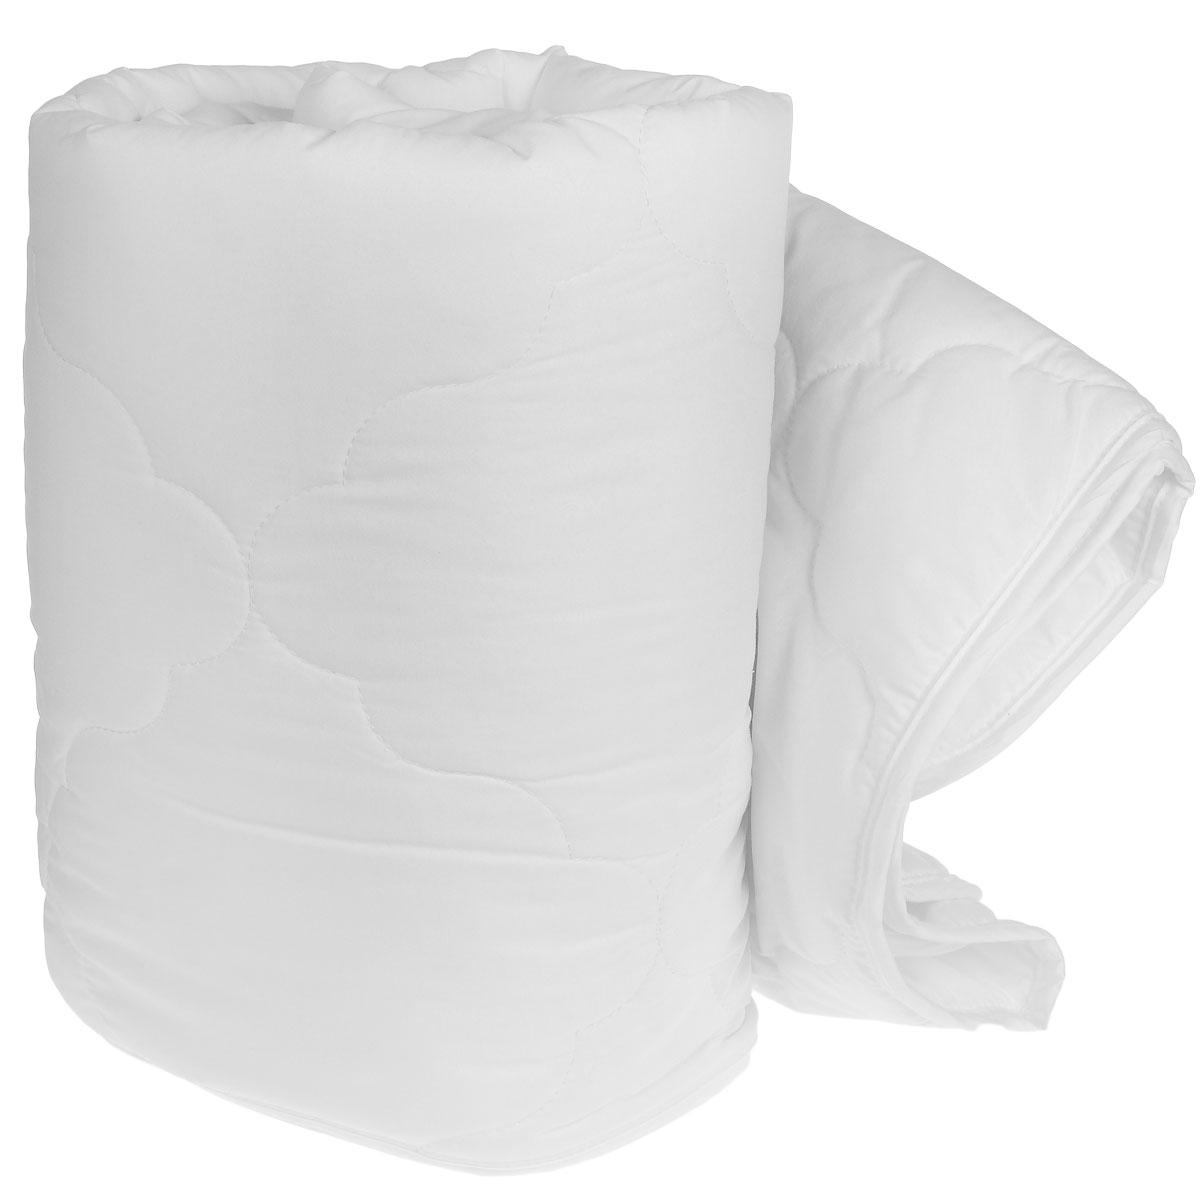 """Одеяло легкое """"Green Line"""", наполнитель: бамбуковое волокно, цвет: белый, 200 см х 220 см"""